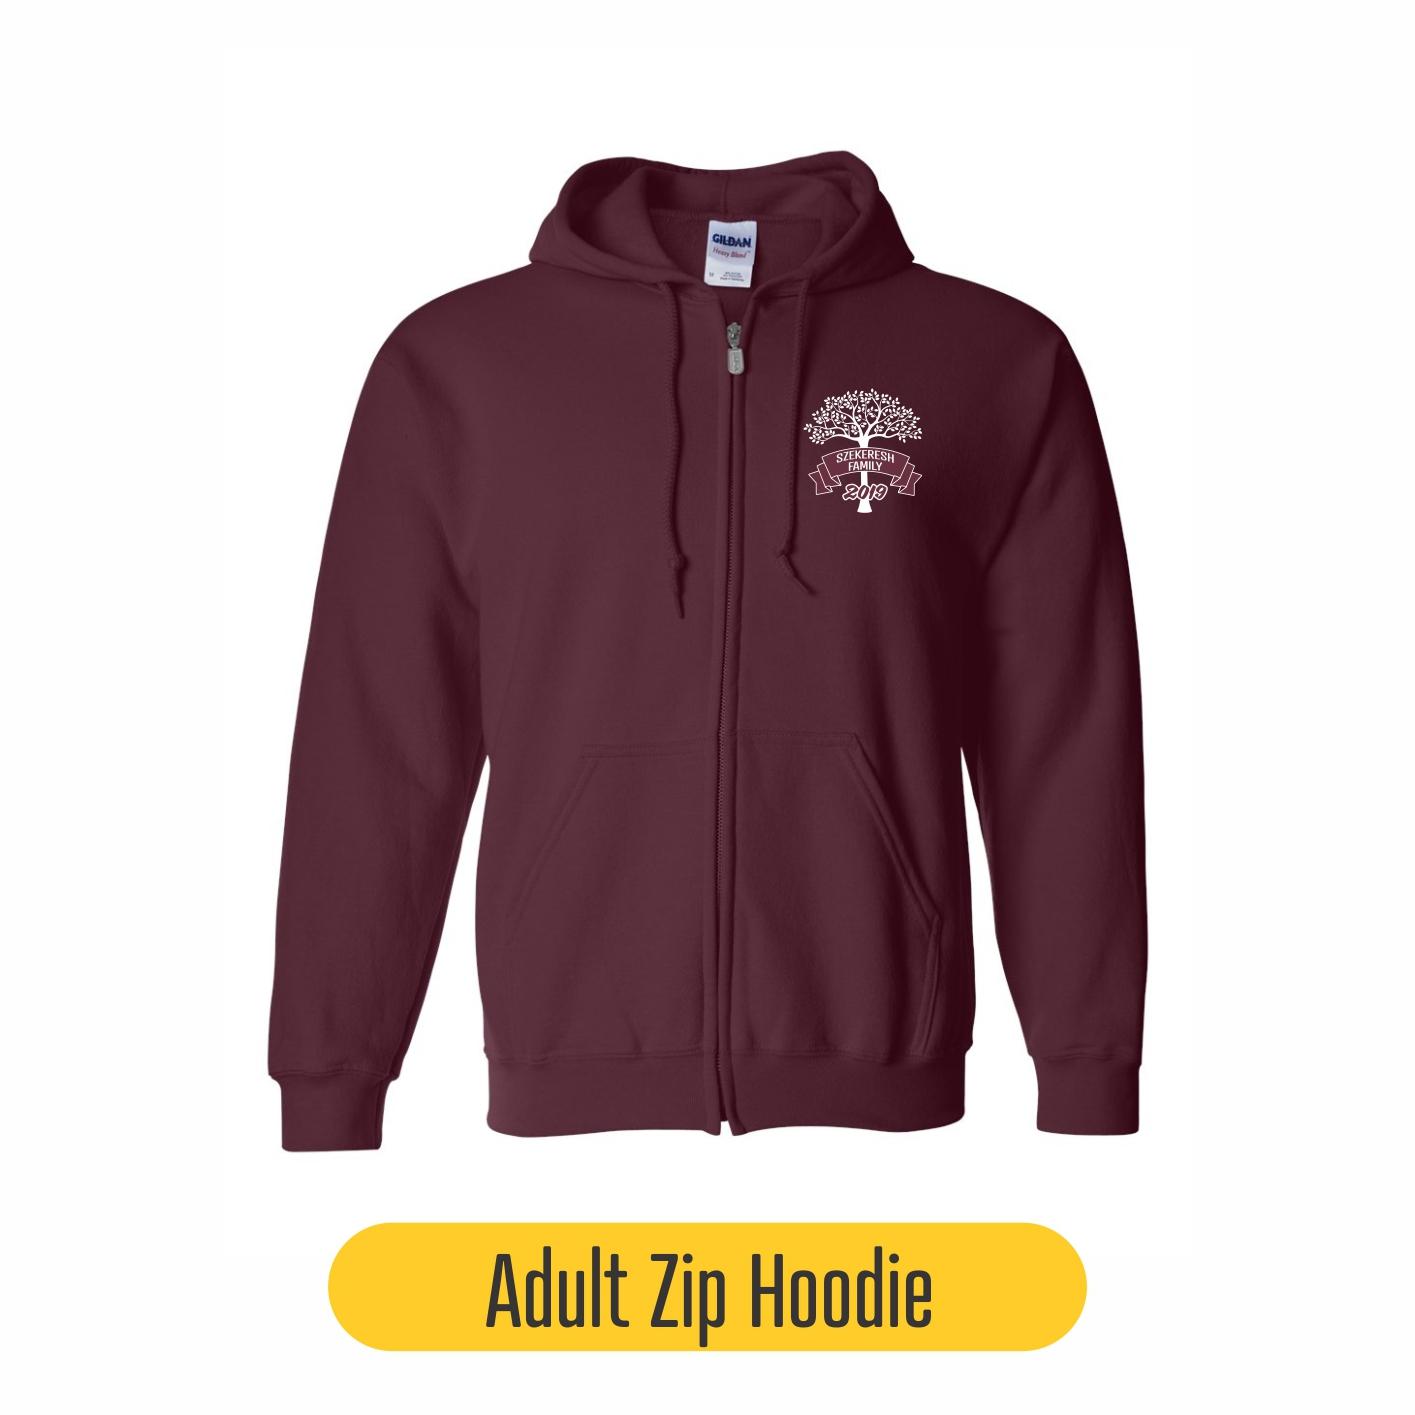 Adult zip hoodie